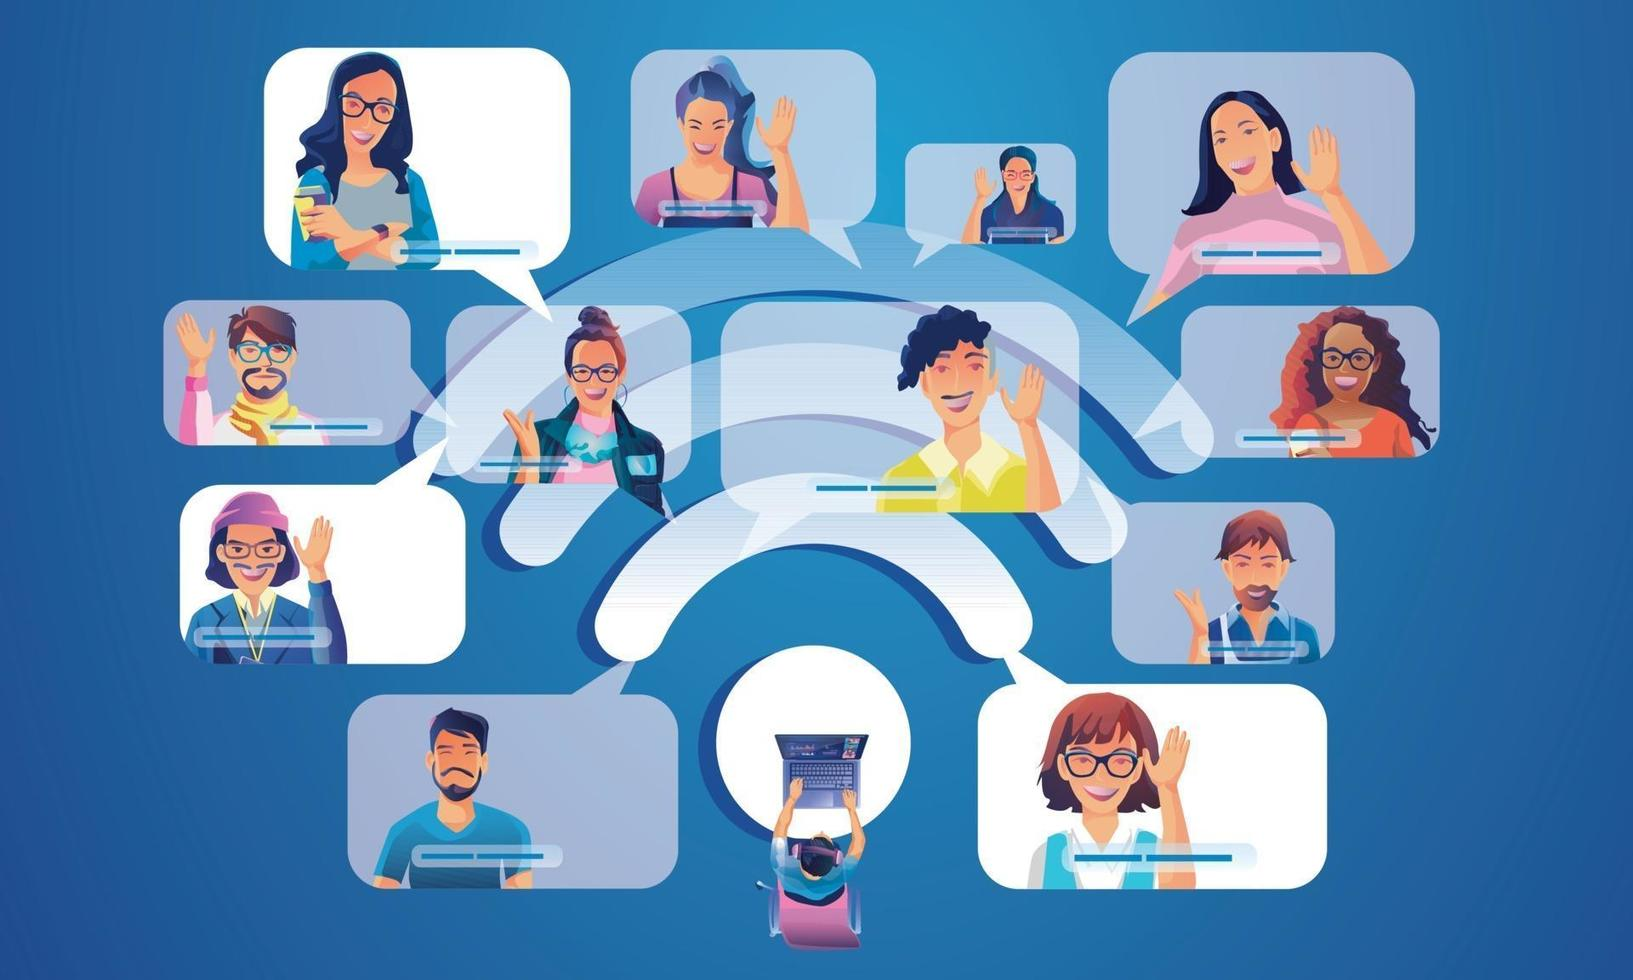 les gens utilisent la vidéoconférence atterrissant des travailleurs sur l'écran de la fenêtre avec des collègues. vidéoconférence et réunion en ligne wifi icône, homme et femme apprentissage en ligne illustration vectorielle, plat vecteur